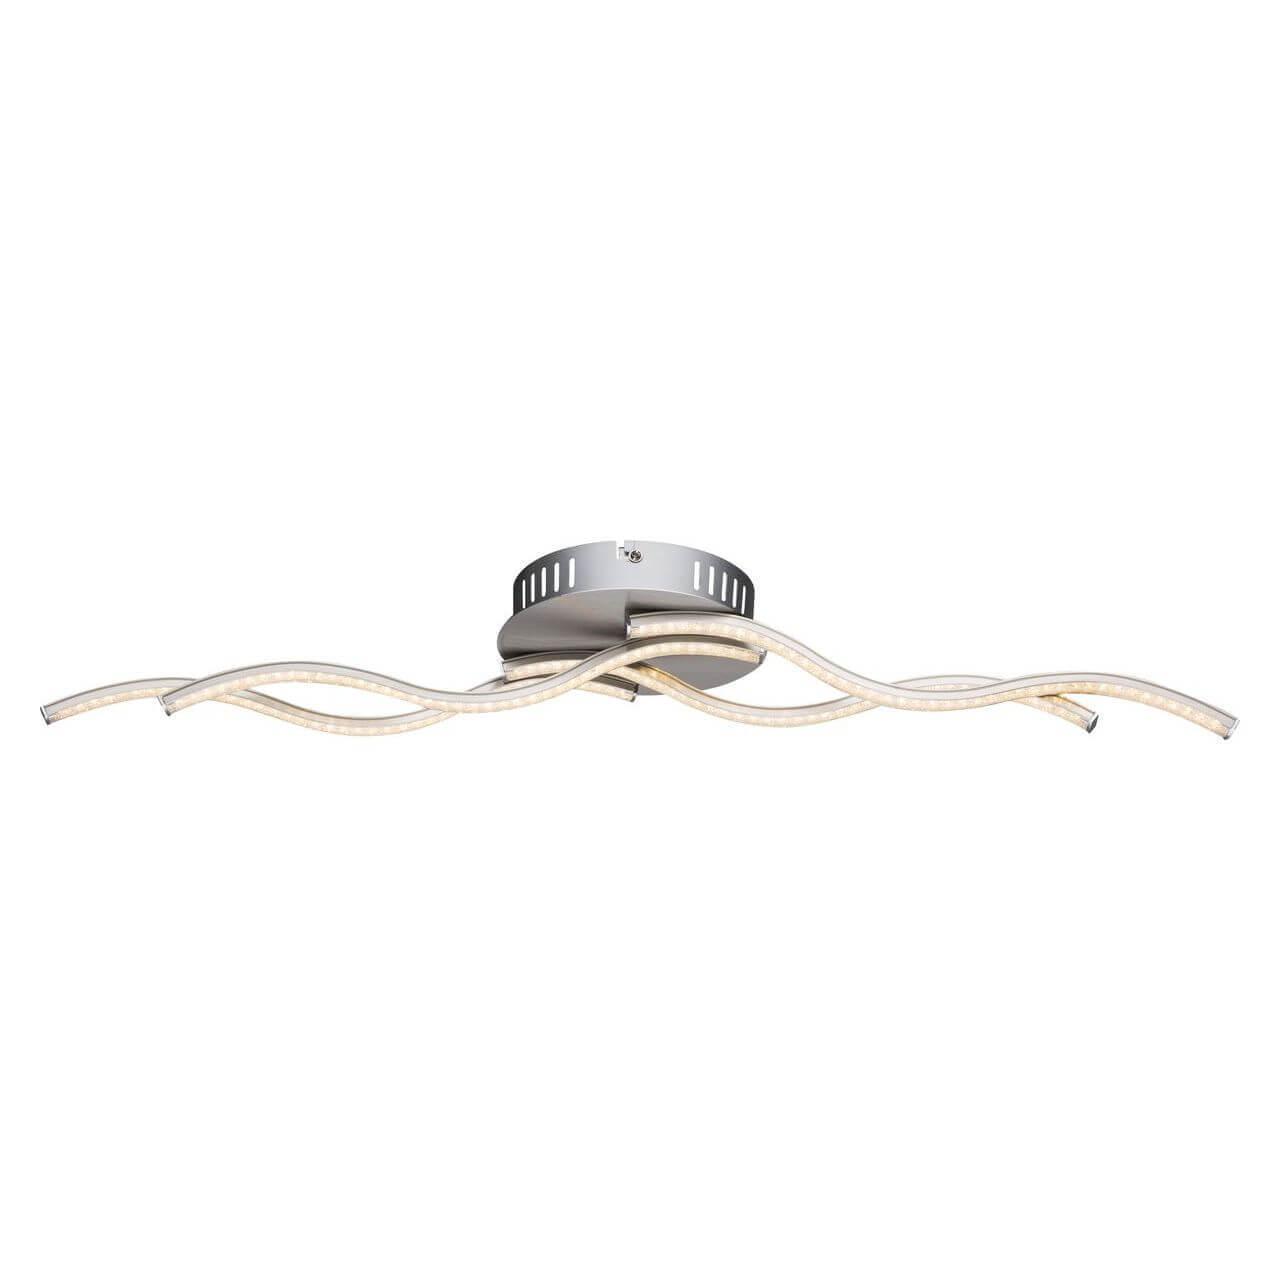 купить Потолочный светодиодный светильник Globo Sarka 67000-14DF онлайн